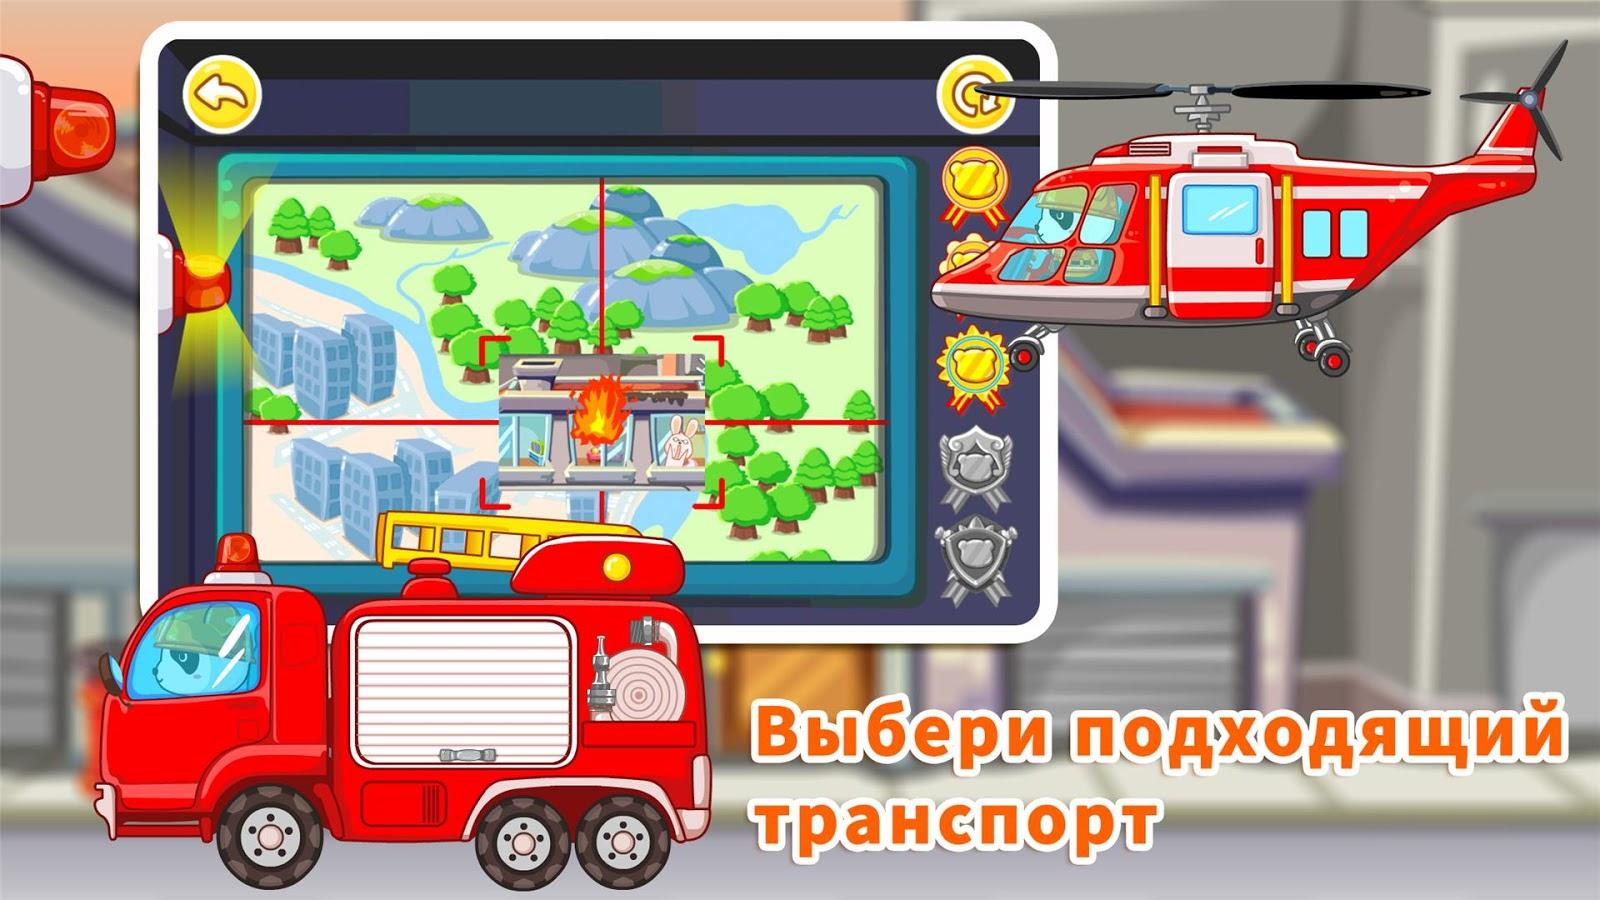 login.mts.ru существуют или нет автоматические настройки ммс для айфона 4s